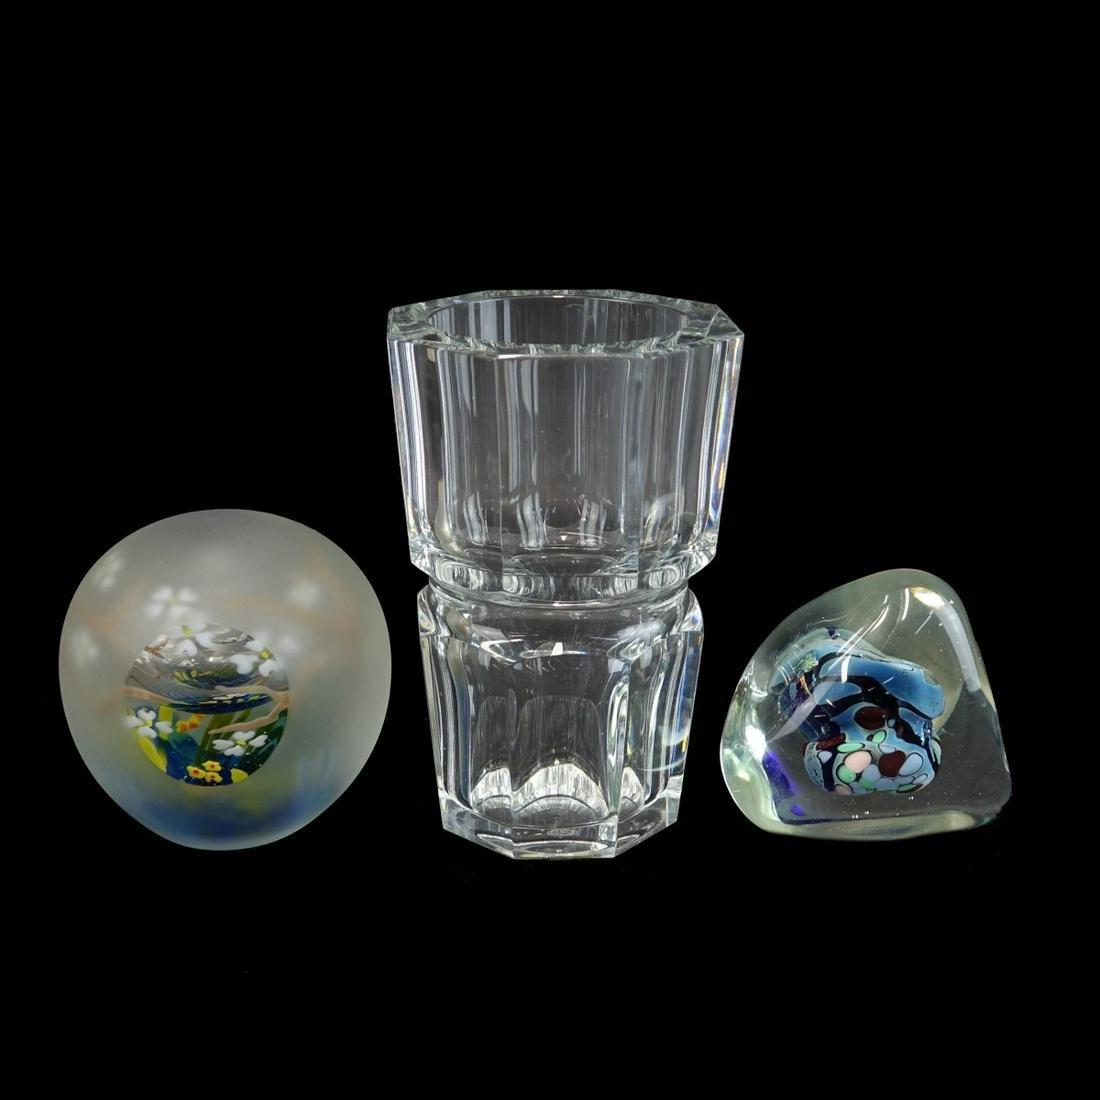 Three (3) Vintage Crystal Tableware